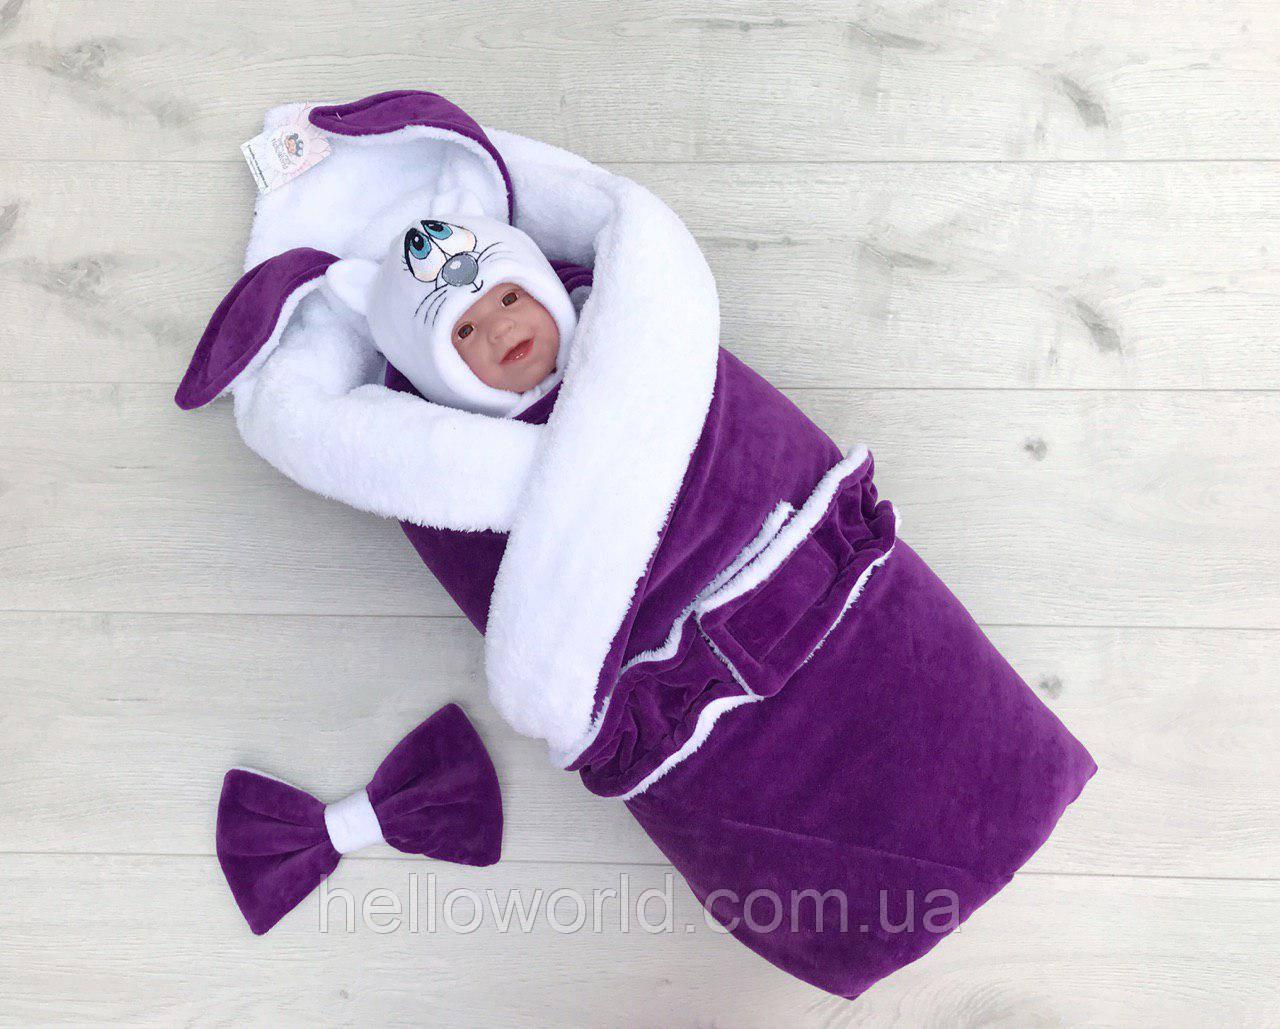 Комплект 4 в 1: одеяло,комбинезон,пояс, шапочка,фиолетовый